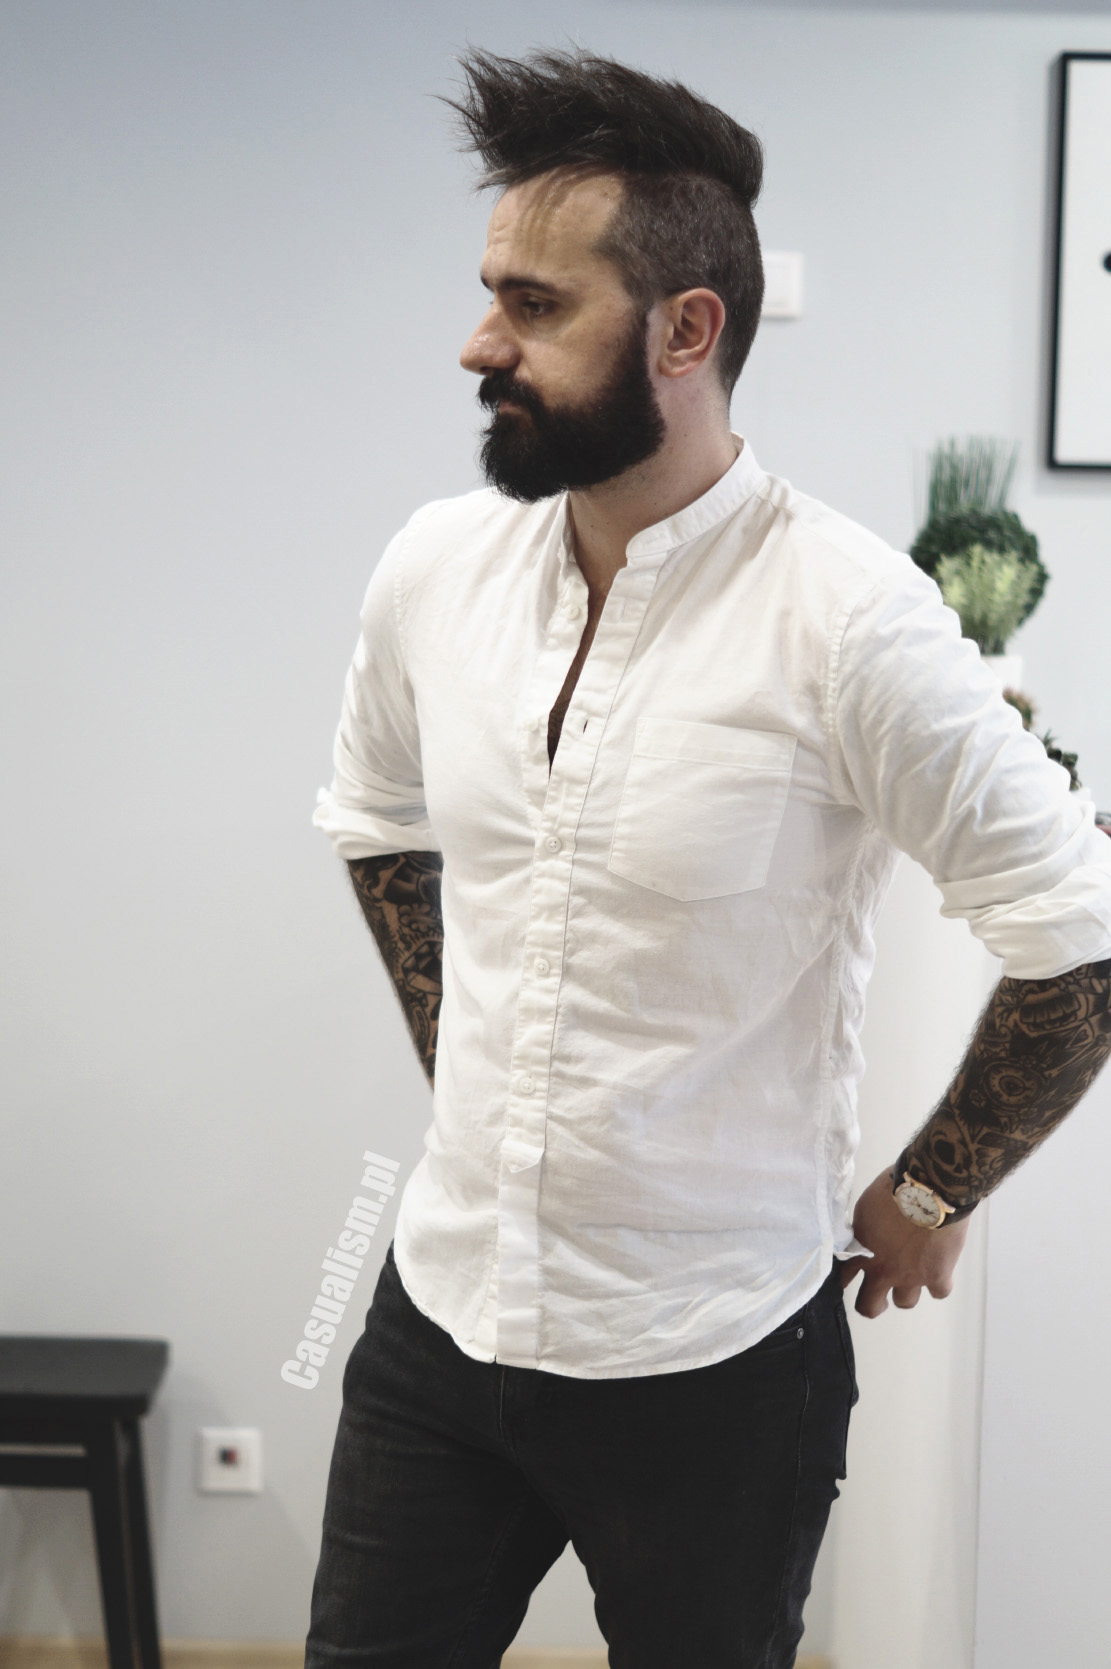 Biała koszula męska, męska koszula biała, białe męskie koszule, koszula z jeansami, koszula do jeansów, jeansy z koszulą, koszula dla faceta, biała koszula dla chłopaka, chłopak w koszuli